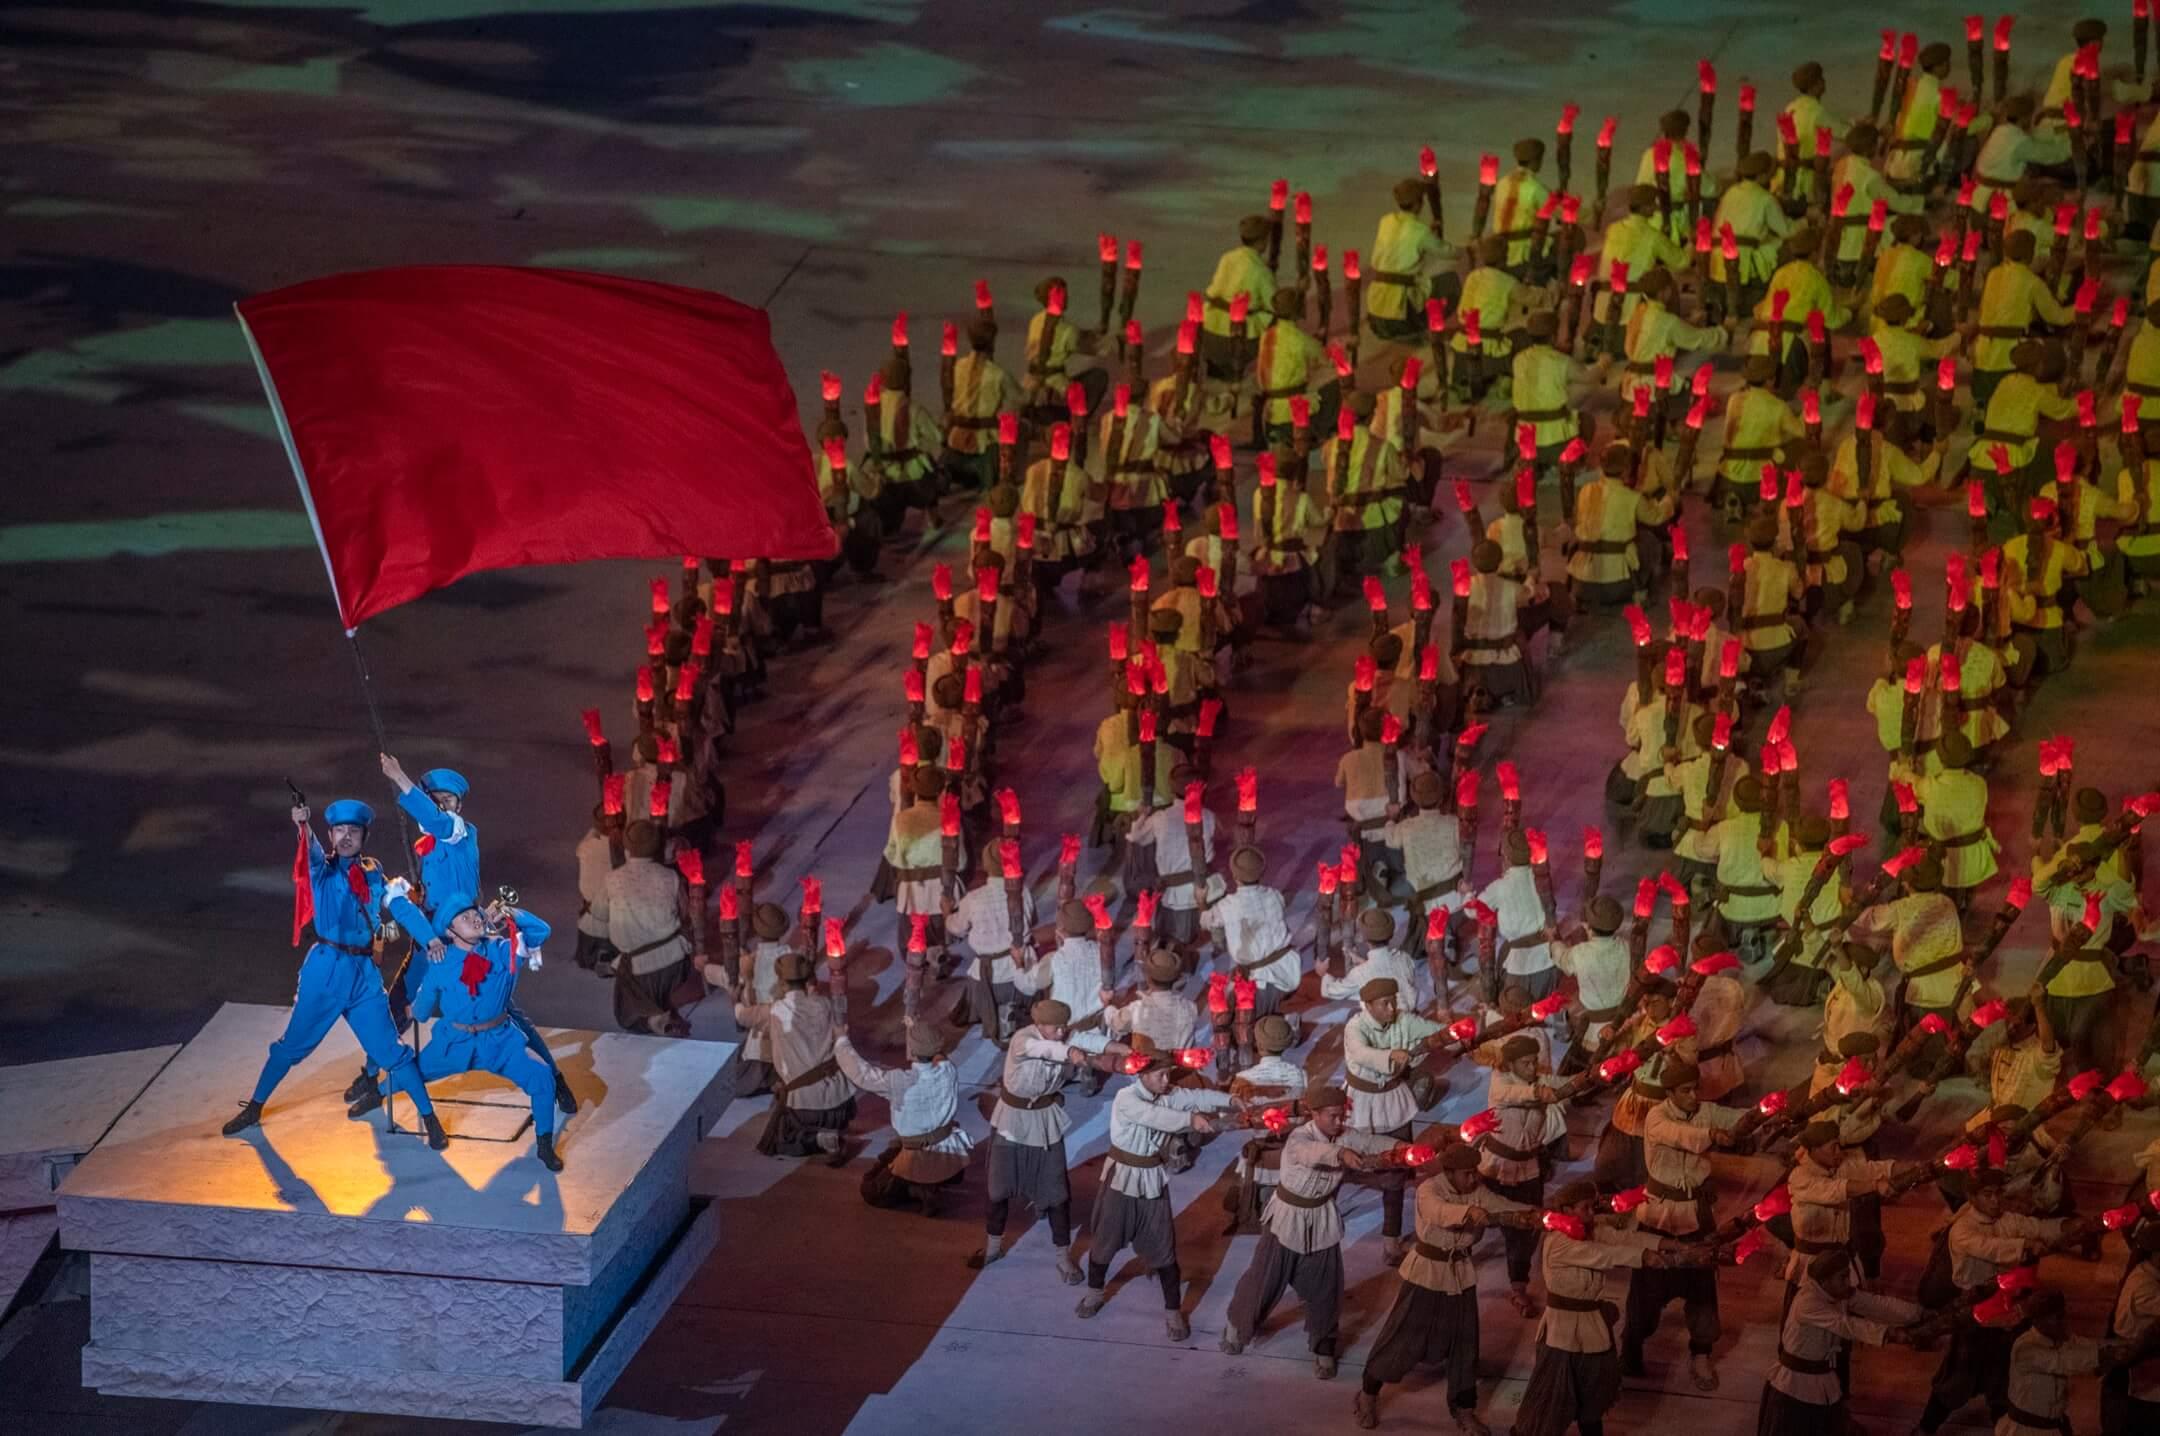 2021年6月28日,中國北京,中共建黨100週年慶典,表演者在國家體育場演出。 攝:Kevin Frayer/Getty Images